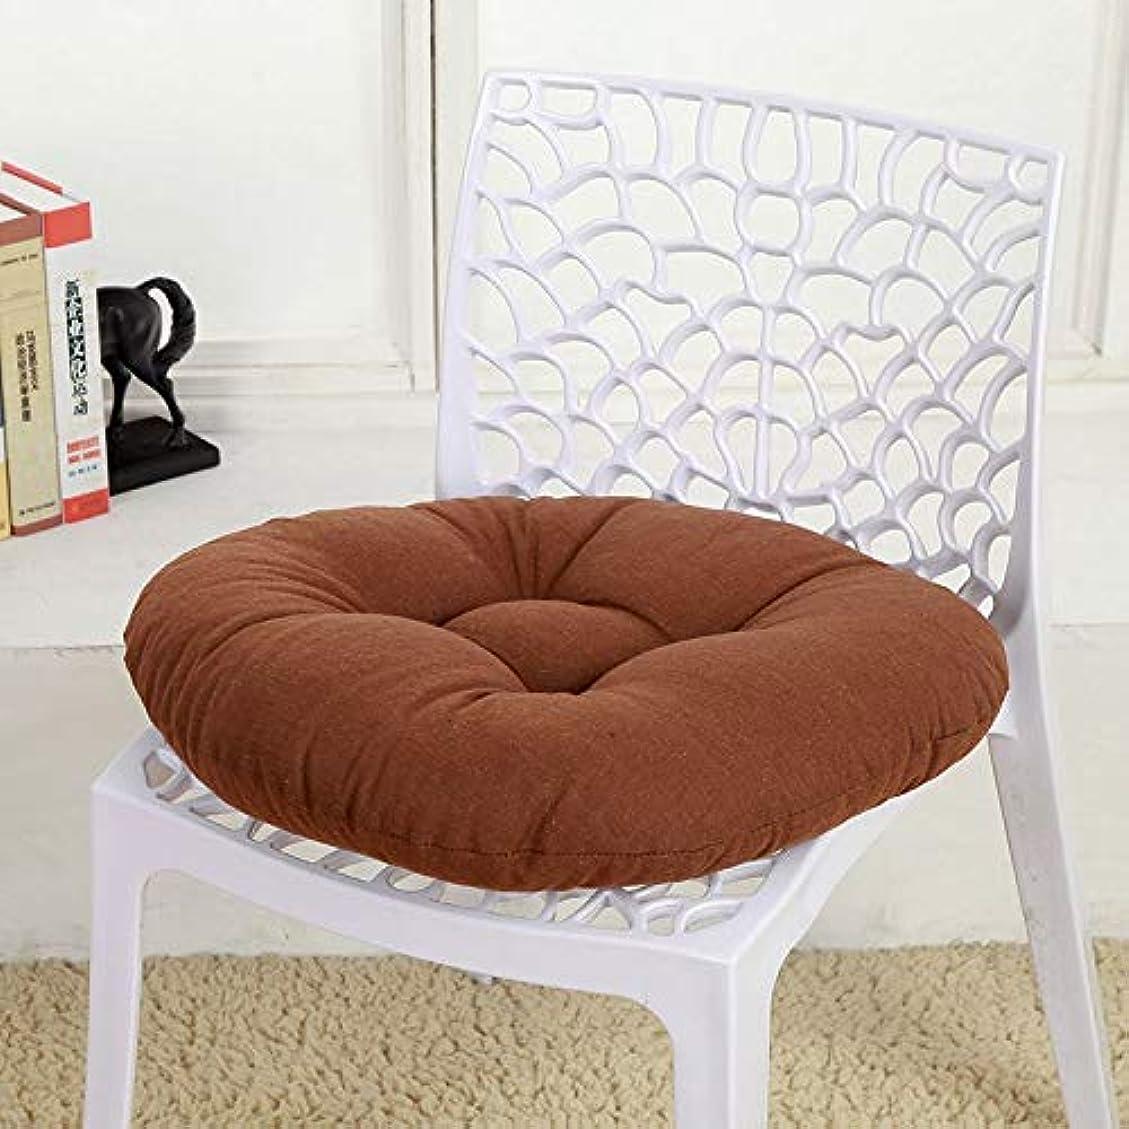 援助運命的なマラソンLIFE キャンディカラーのクッションラウンドシートクッション波ウィンドウシートクッションクッション家の装飾パッドラウンド枕シート枕椅子座る枕 クッション 椅子